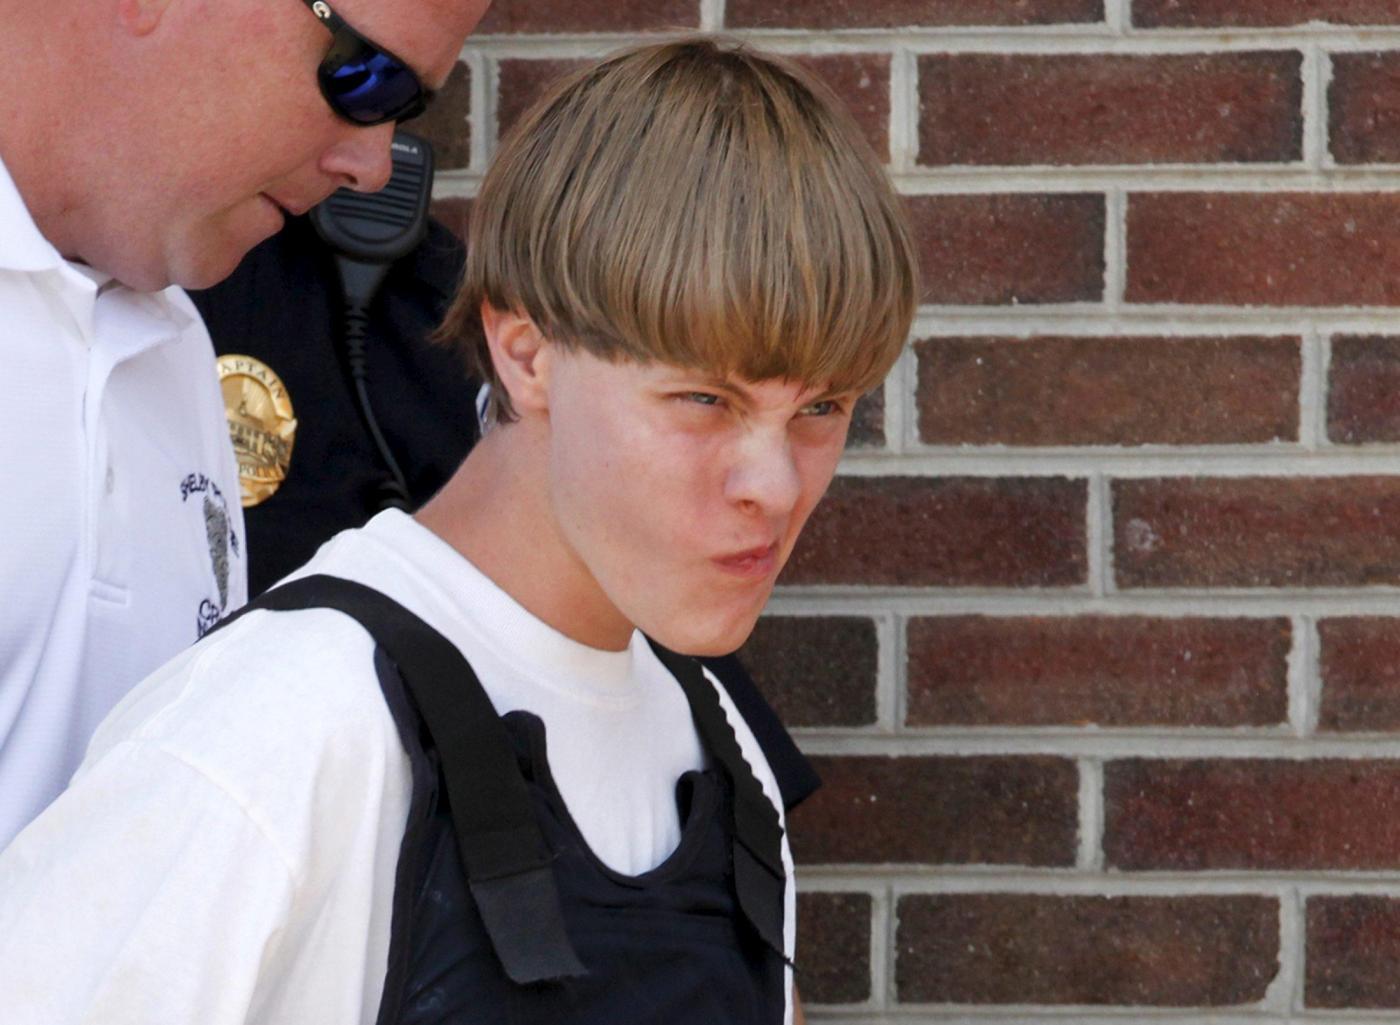 Strage di Charleston, arrestato il killer: aveva pianificato tutto da sei mesi